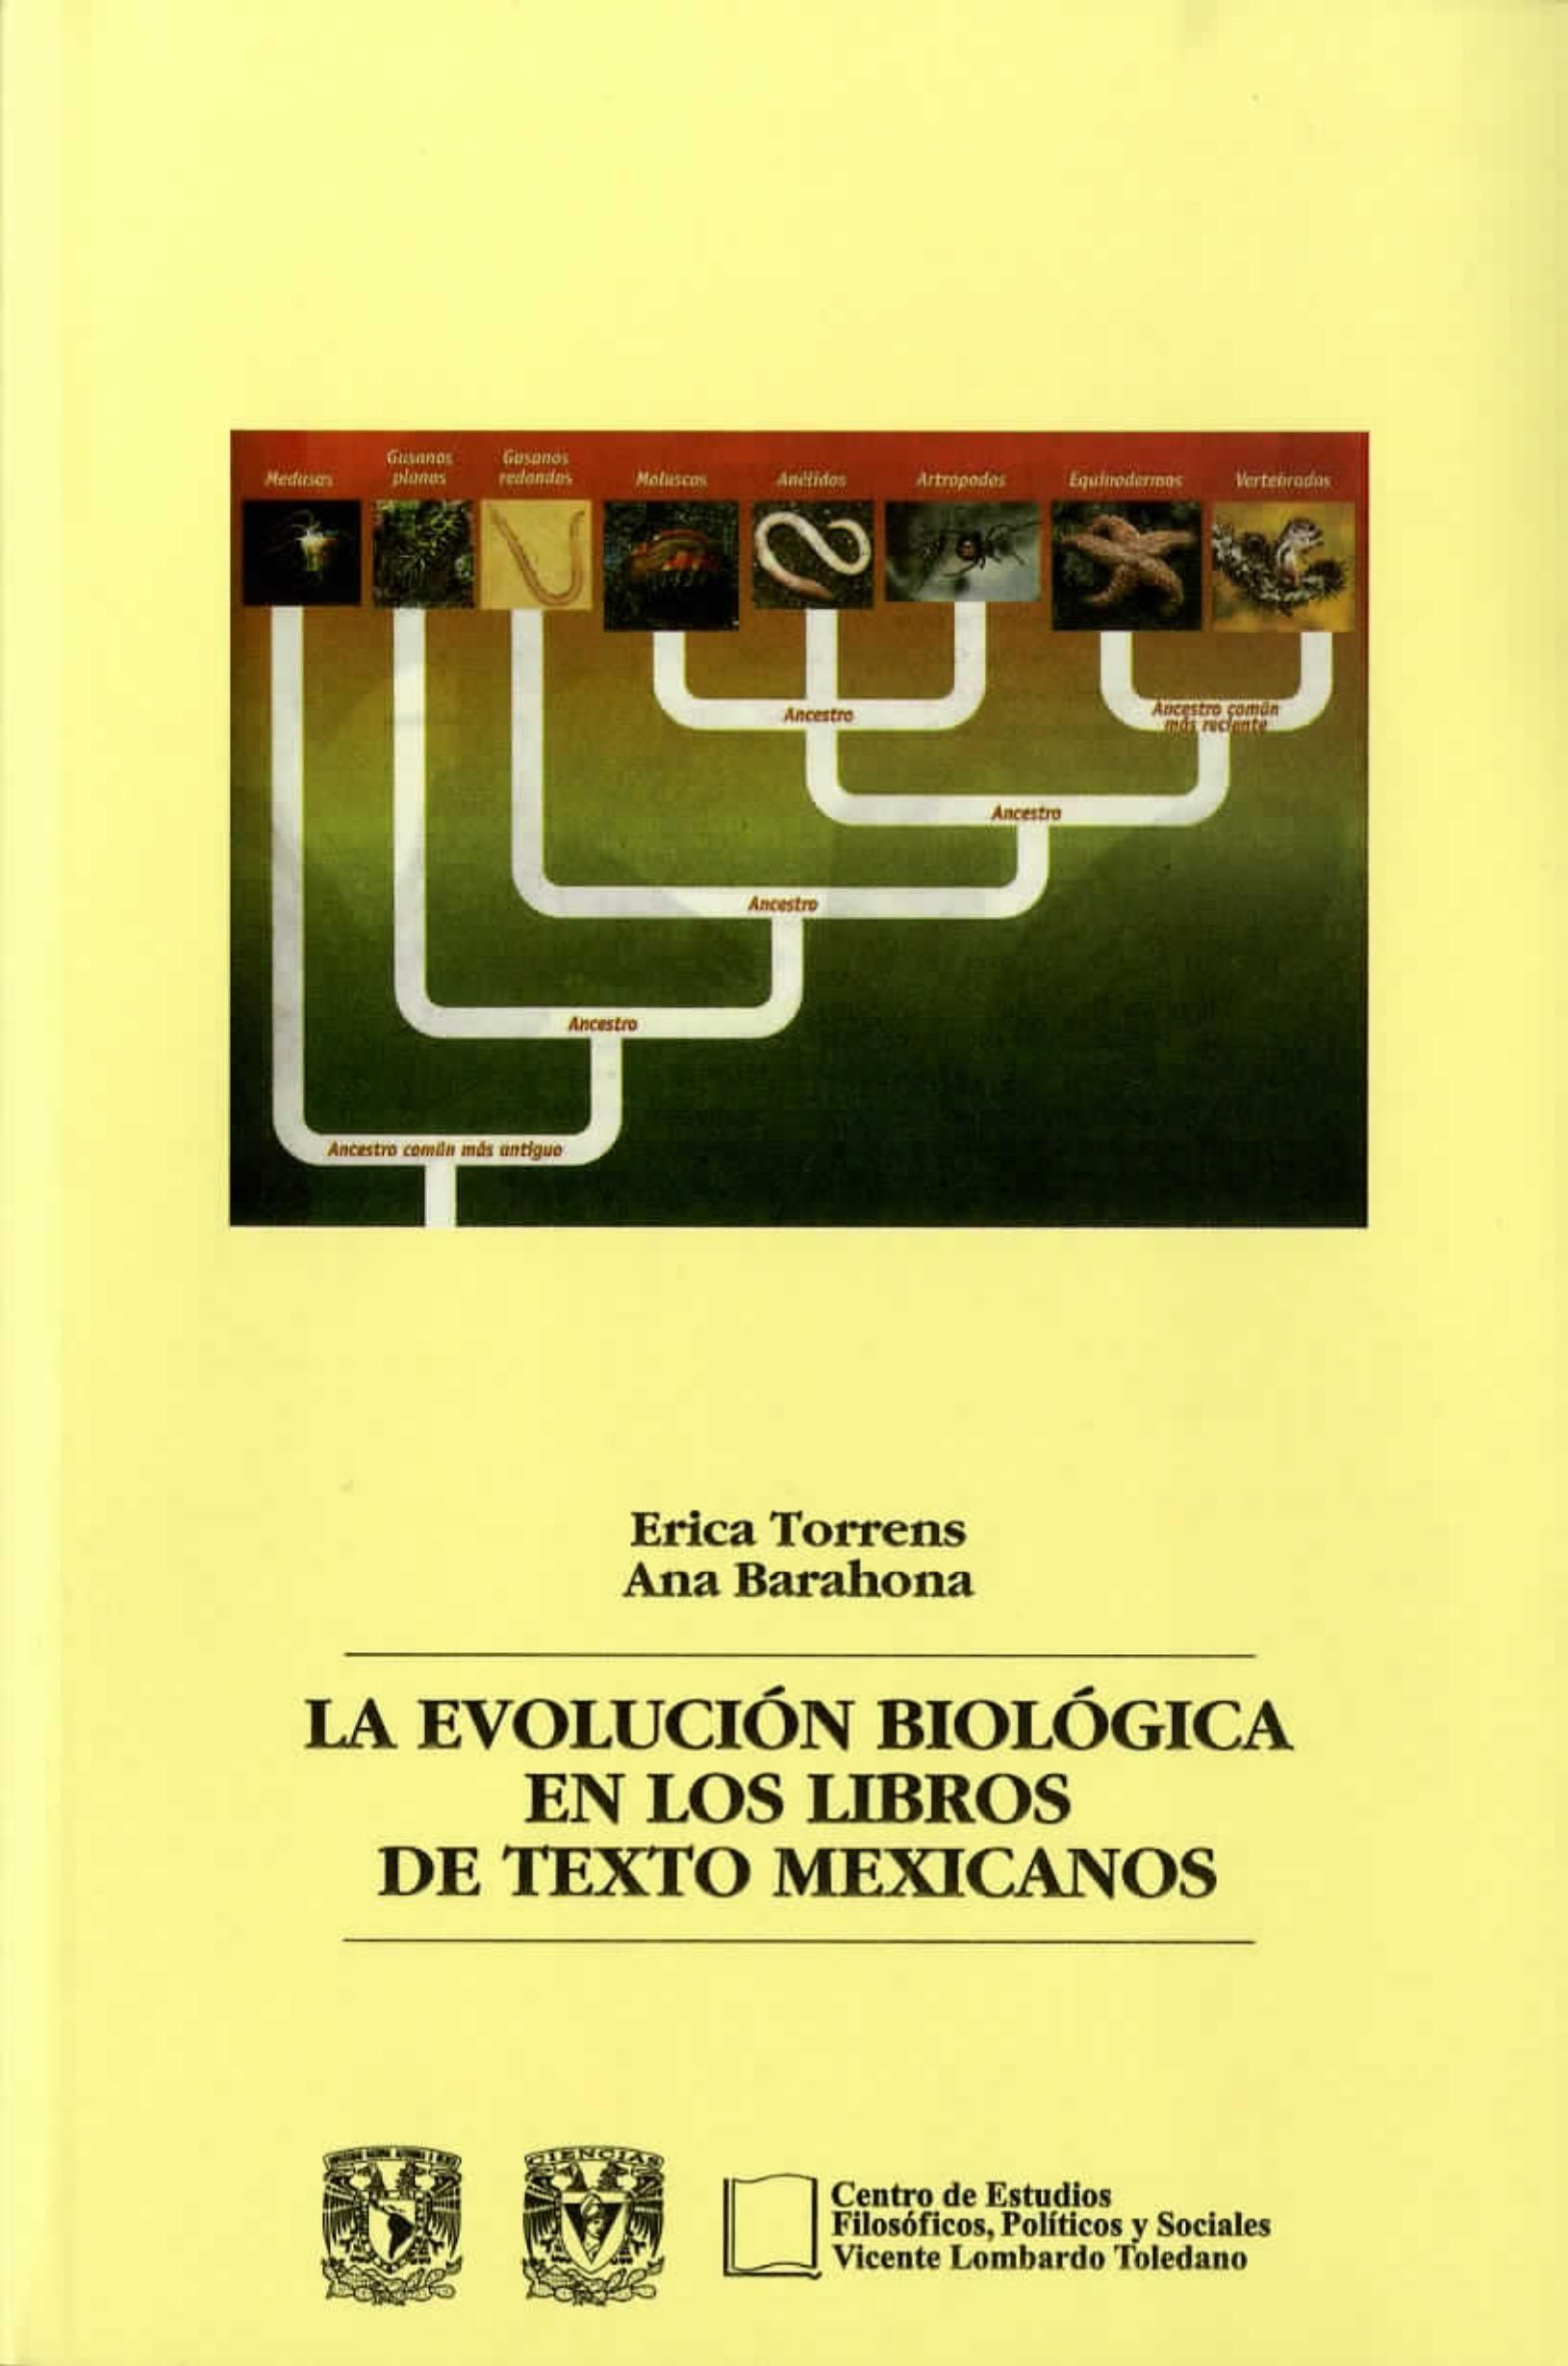 Portada del libro: LA EVOLUCIÓN BIOLÓGICA EN LOS LIBROS DE TEXTO MEXICANOS